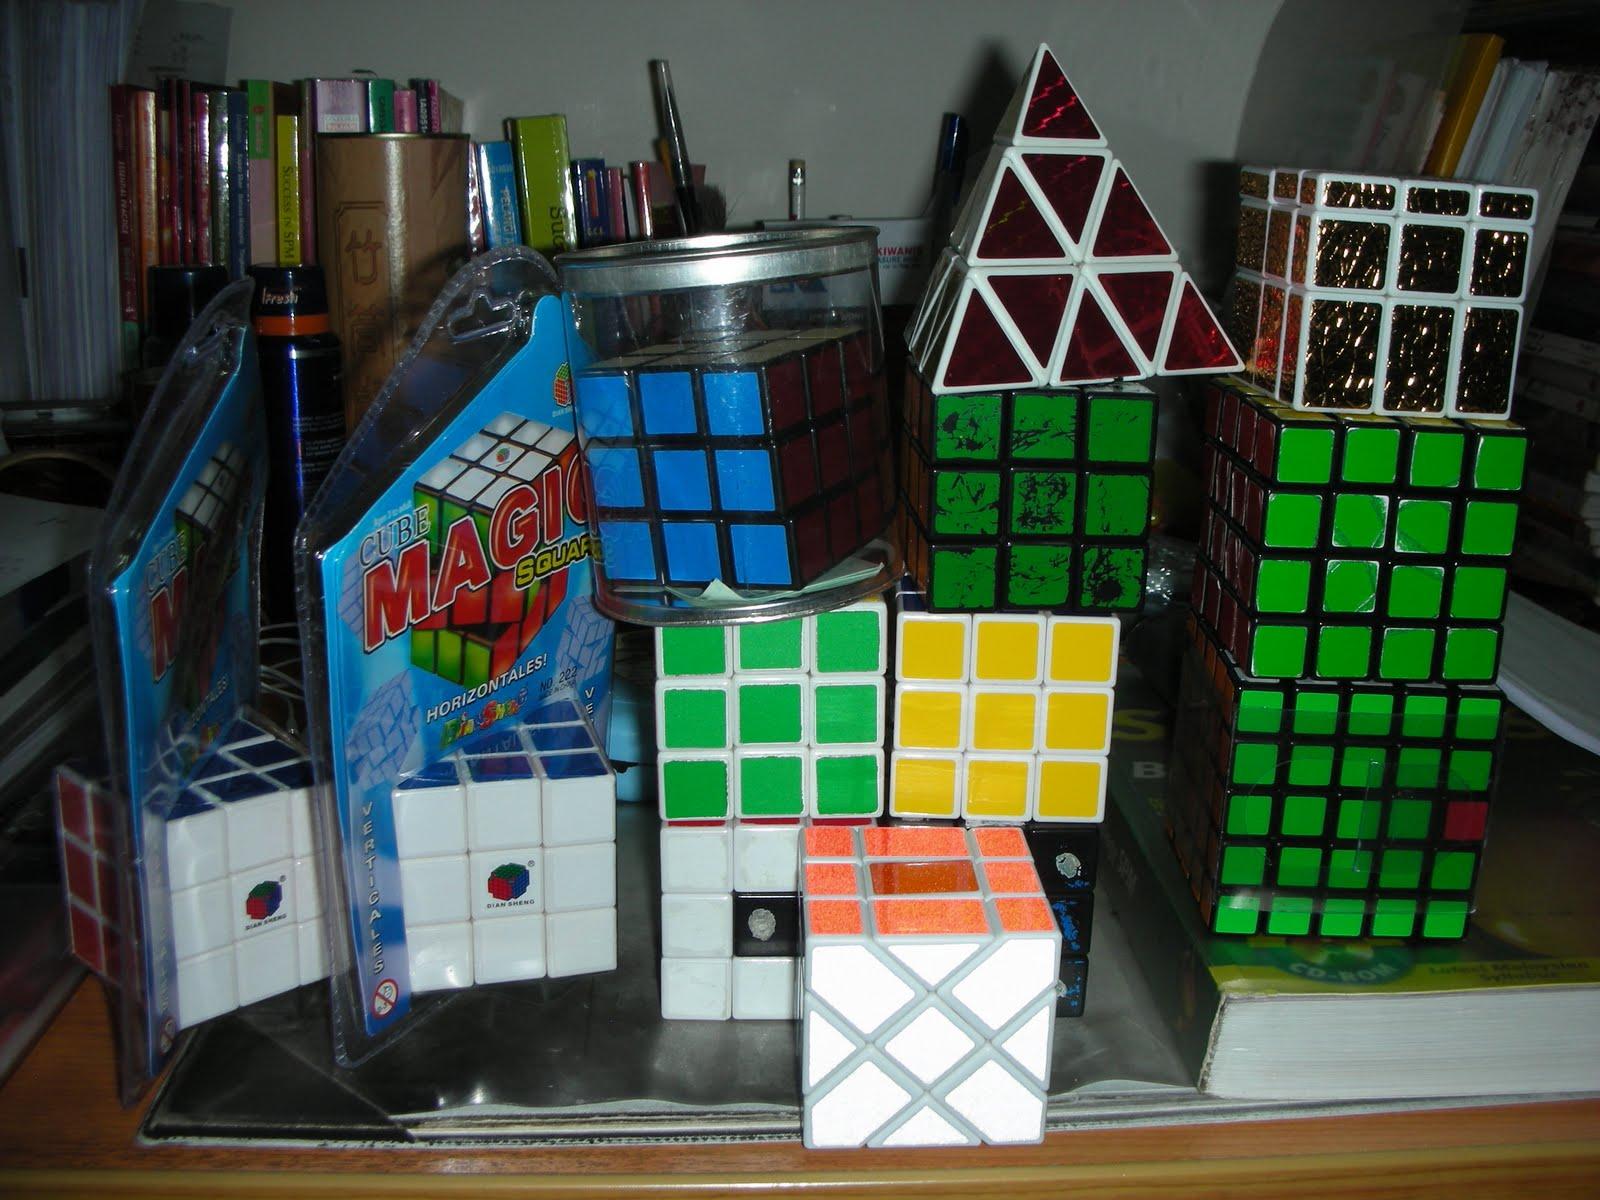 http://2.bp.blogspot.com/_EDrTg880lcM/SxFKuUUB3TI/AAAAAAAAAKo/fDT7HimuzVw/s1600/cubes+1.JPG